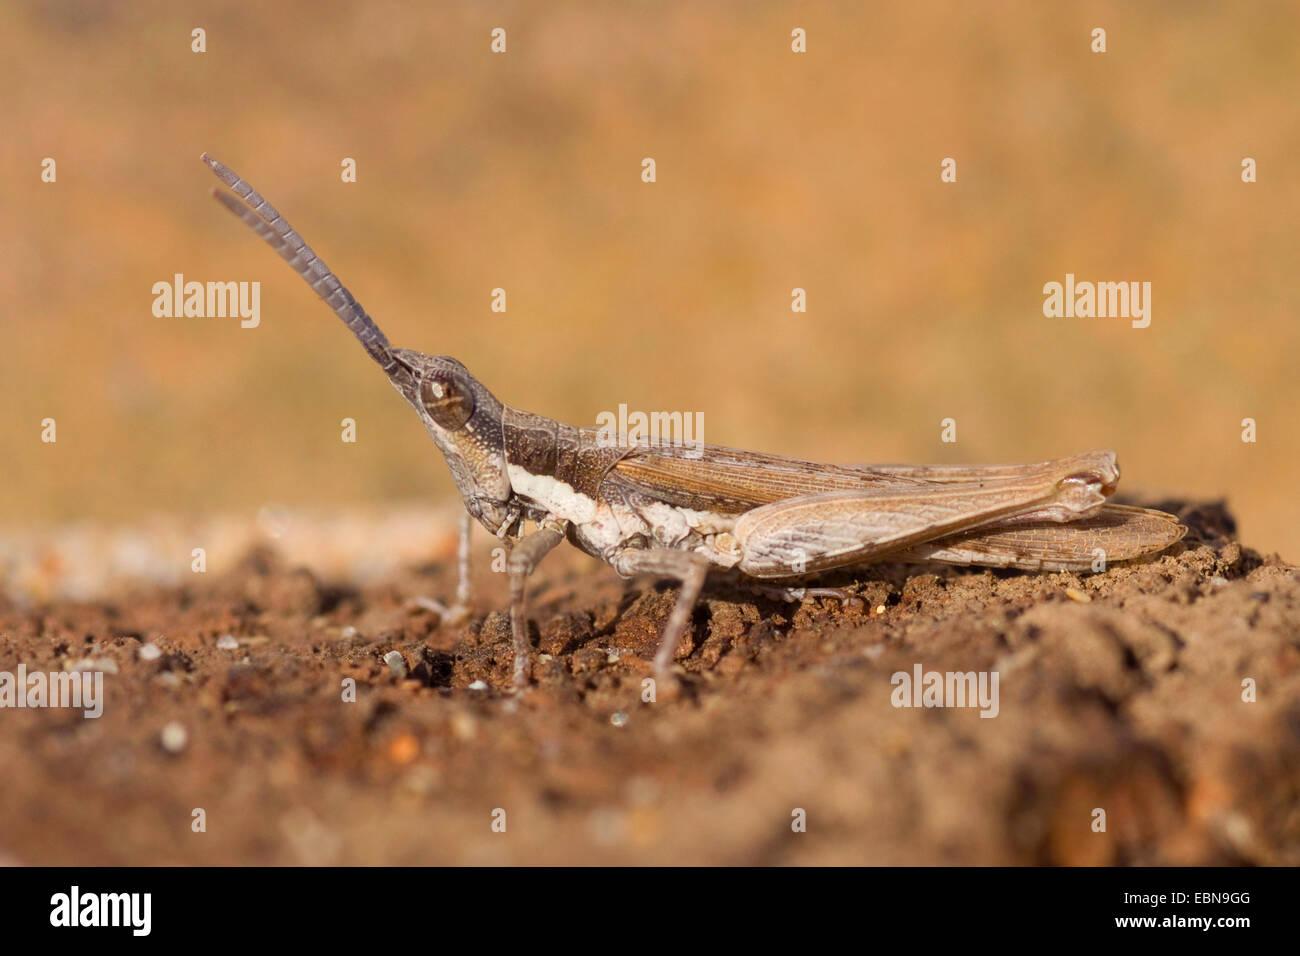 Heuschrecke (Pyrgomorpha Conica), in voller Länge Portrait, Portugal Stockbild